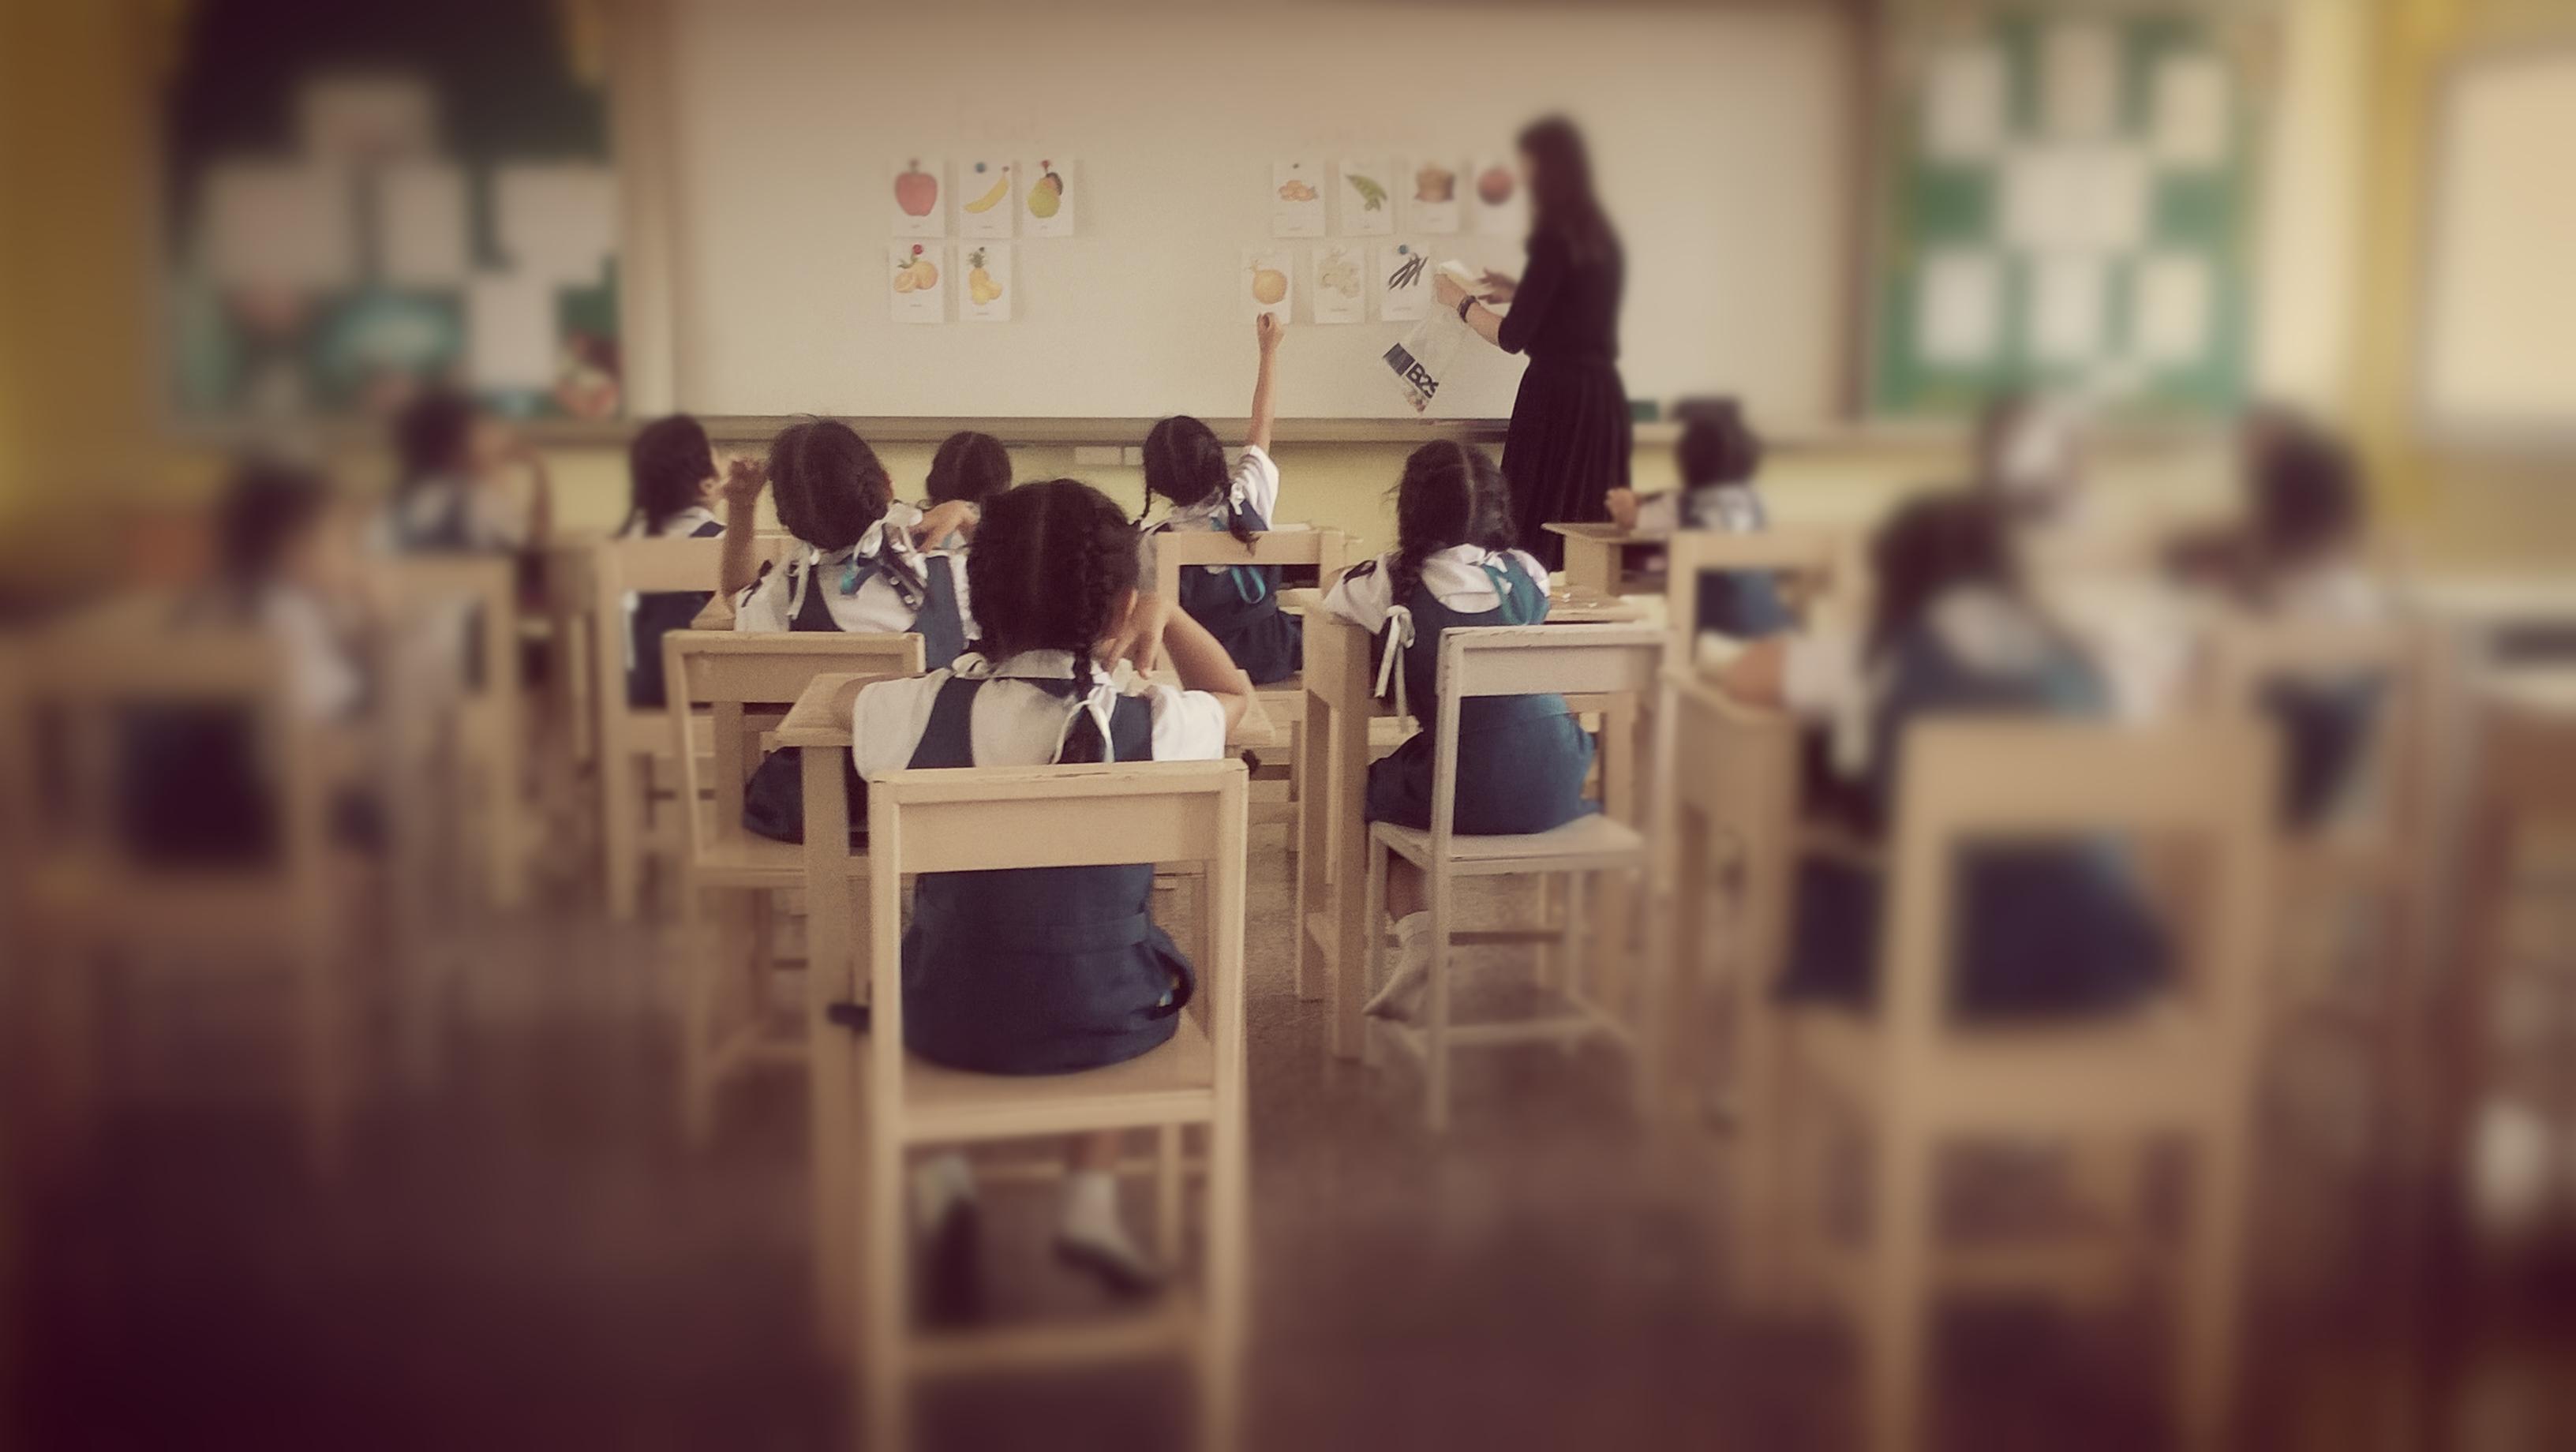 أهم استراتيجيات التدريس الموصى بها في التعليم